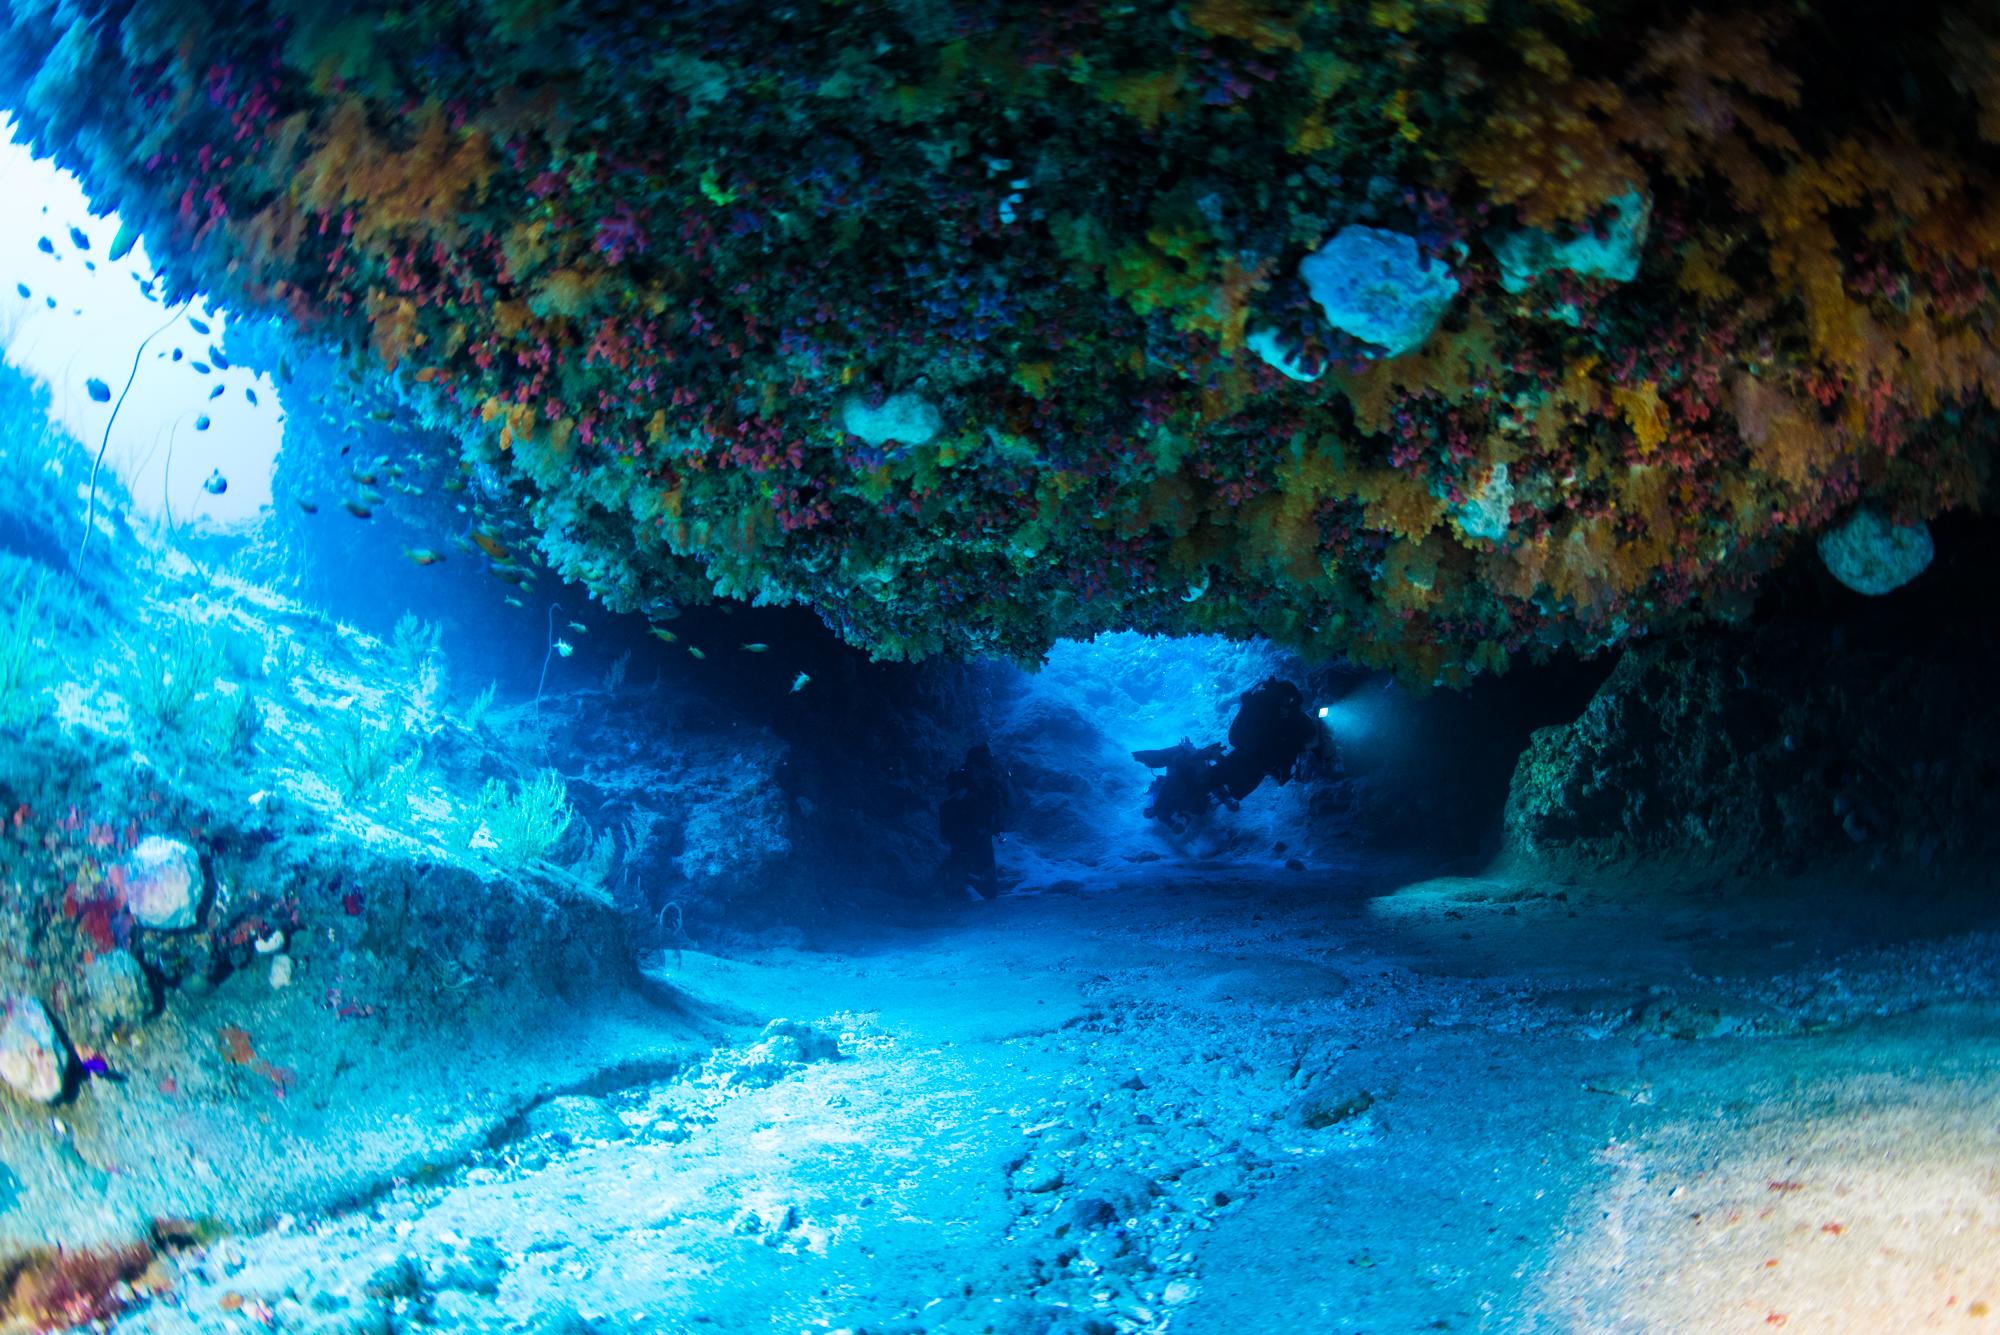 辺戸岬キャニオンの巨大な岩下